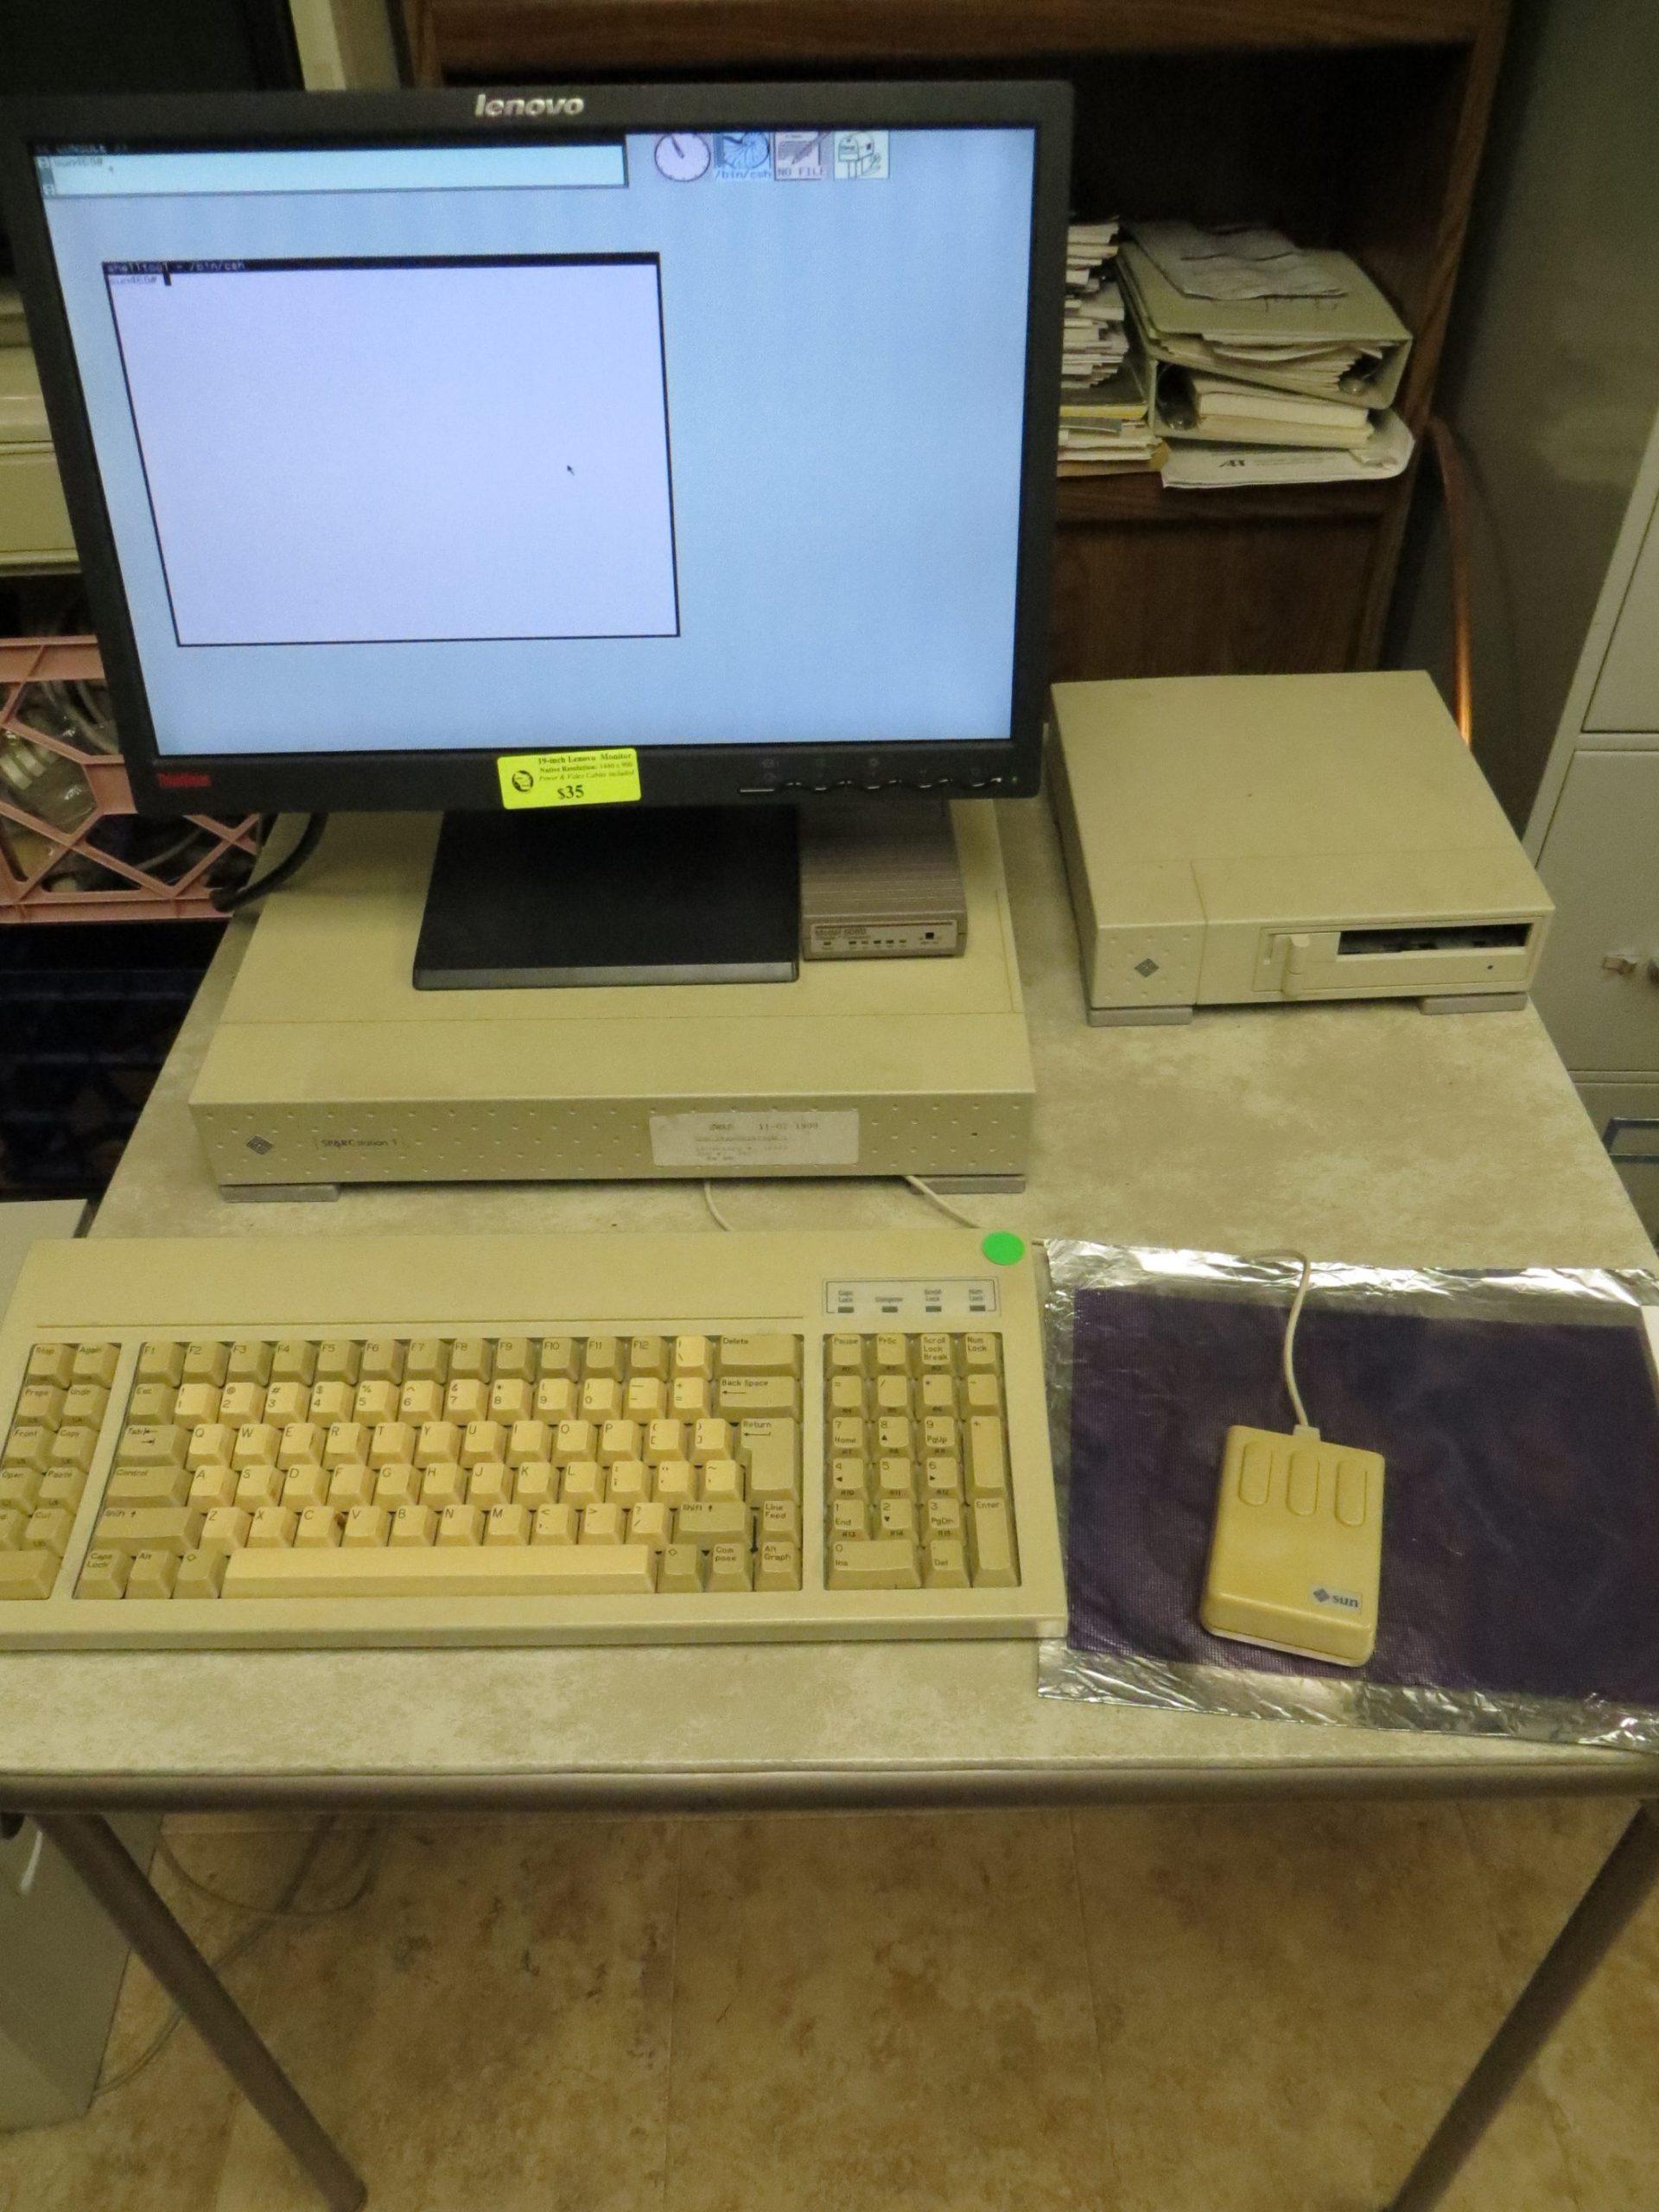 Sun Sparcstation 1 aka Sun 4/60 Workstation